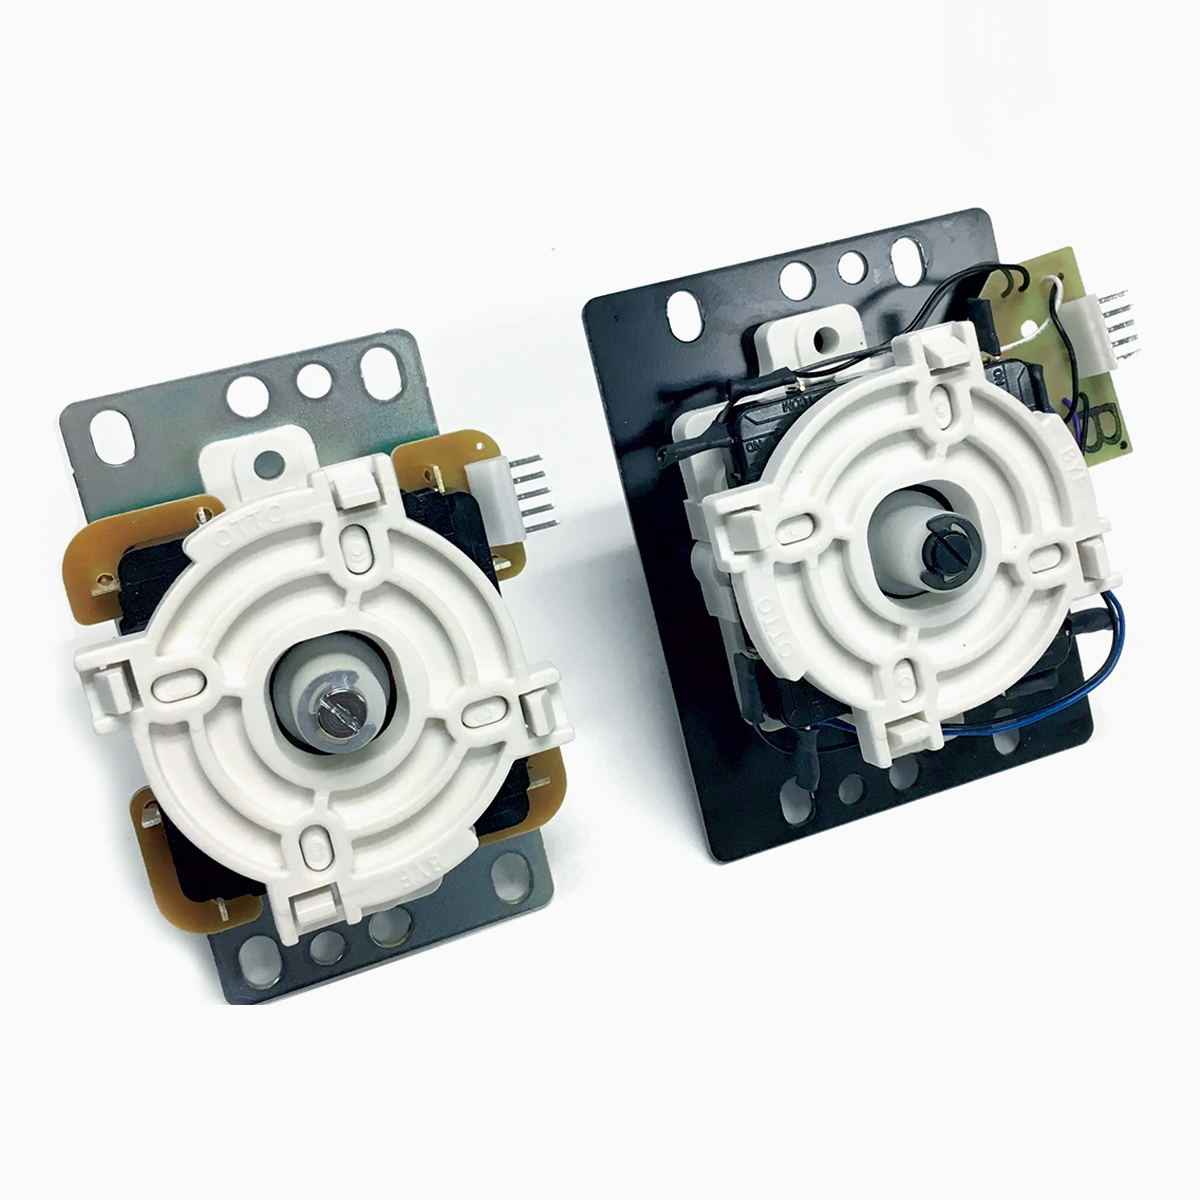 三和レバーのアップグレードに OTTO DIY 売れ筋 三和電子JLFレバー用改造キット JLF Hayabusa Joystick Upgrade Kits and マート